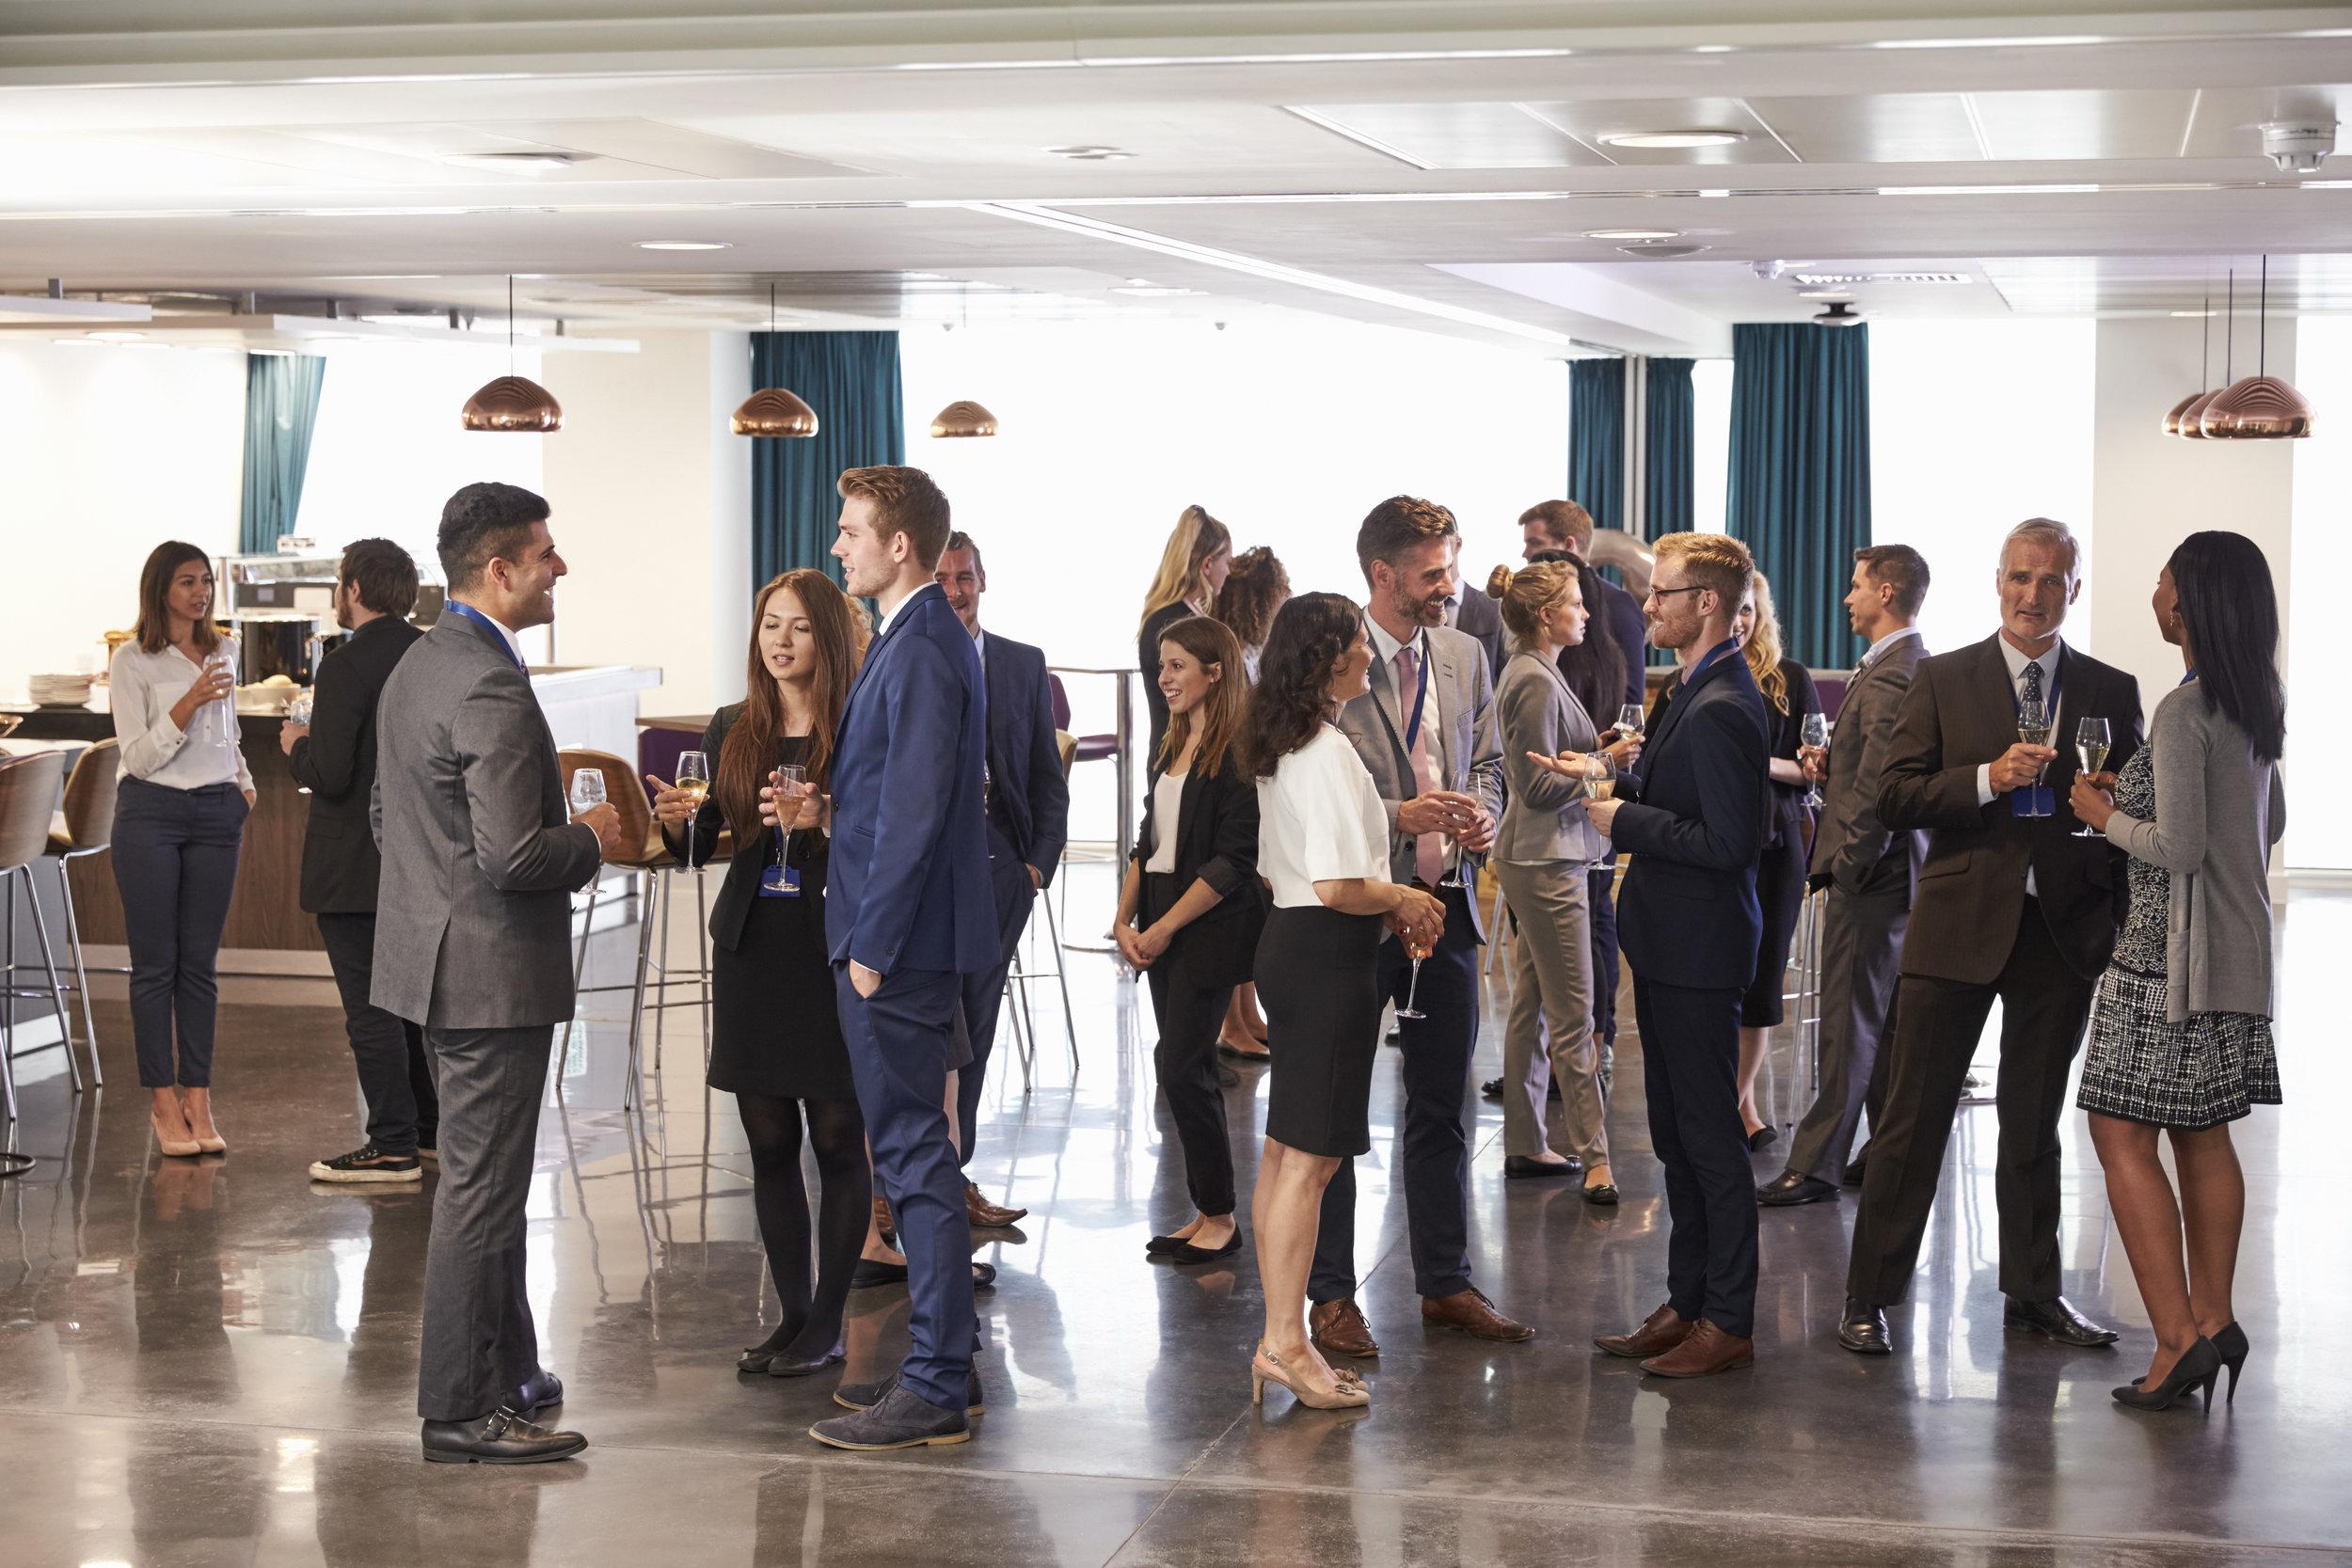 delegates-networking-at-conference-drinks-PJX2DZ7.jpg